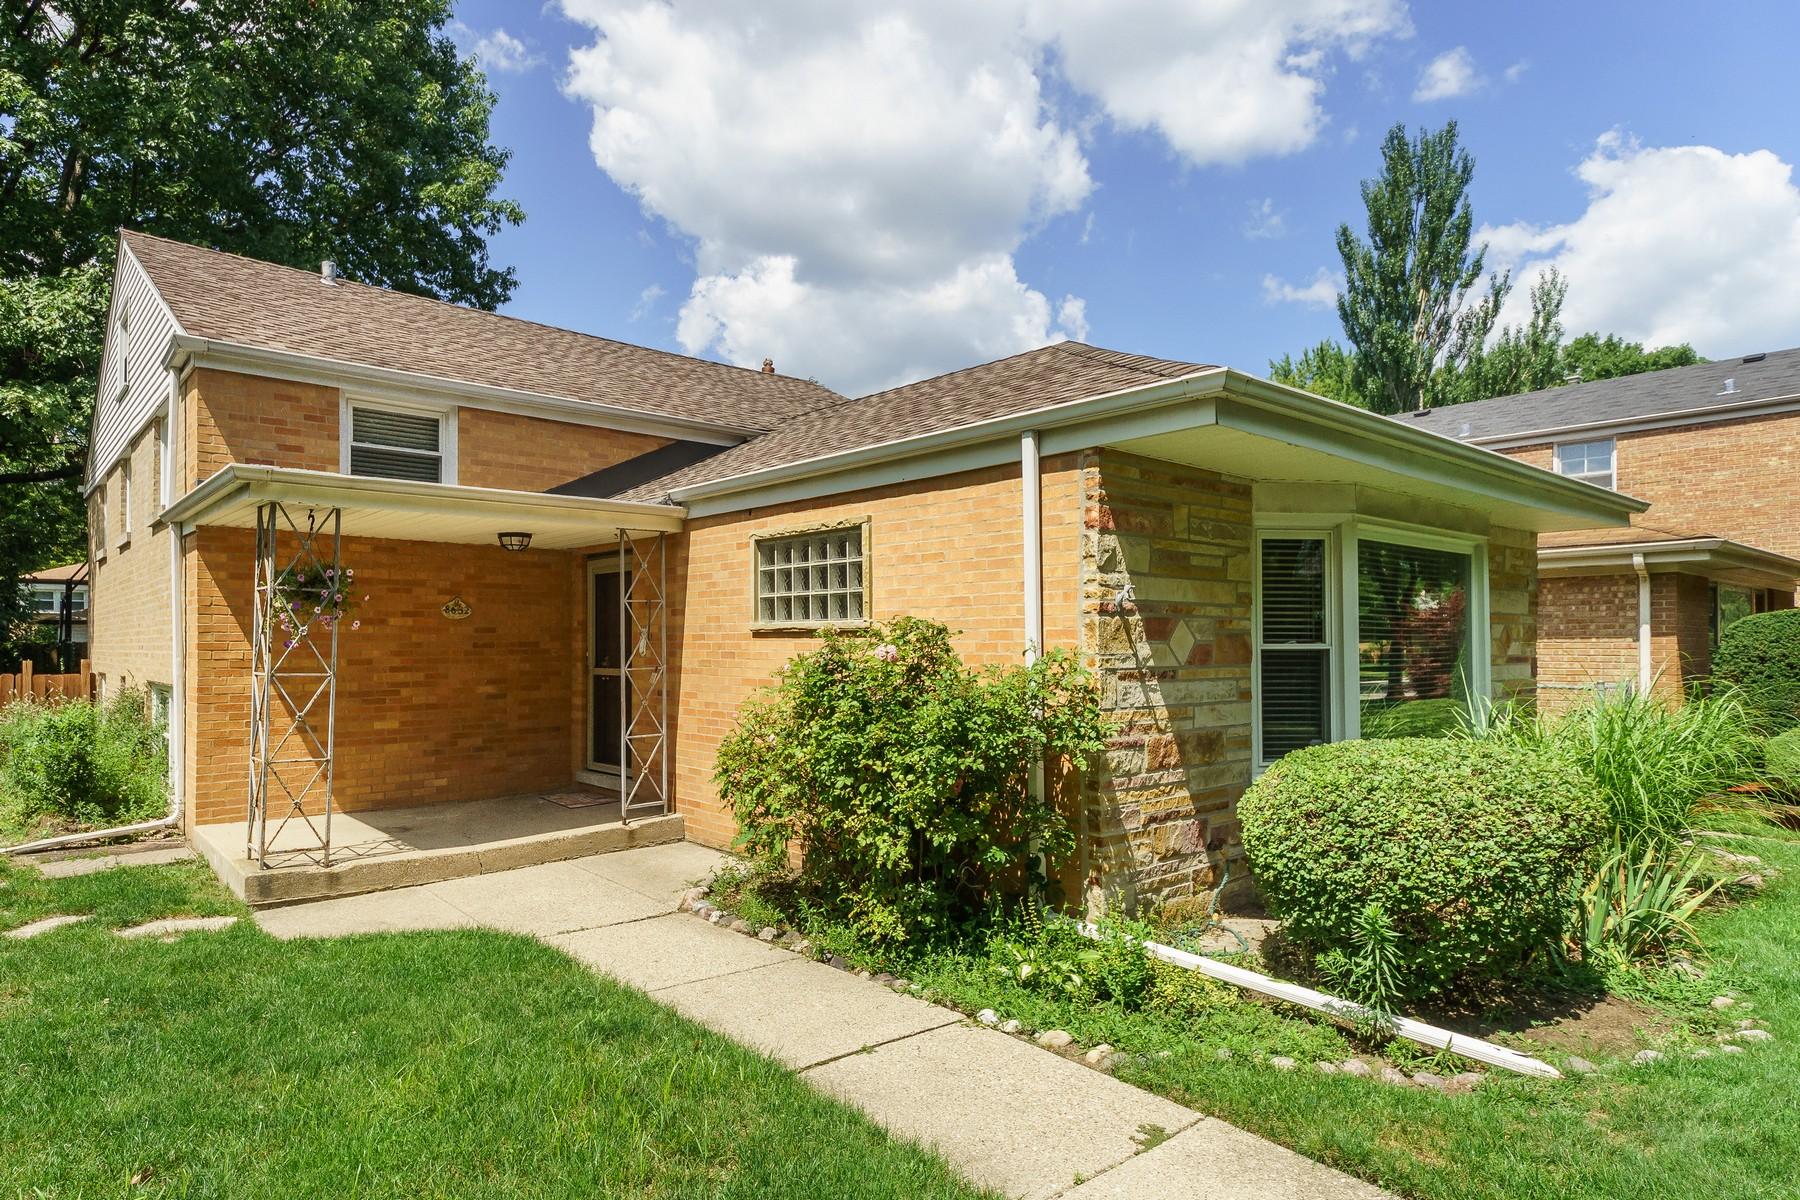 Maison unifamiliale pour l Vente à Surprising Five Bedroom Home 8632 Avers Avenue Skokie, Illinois, 60076 États-Unis